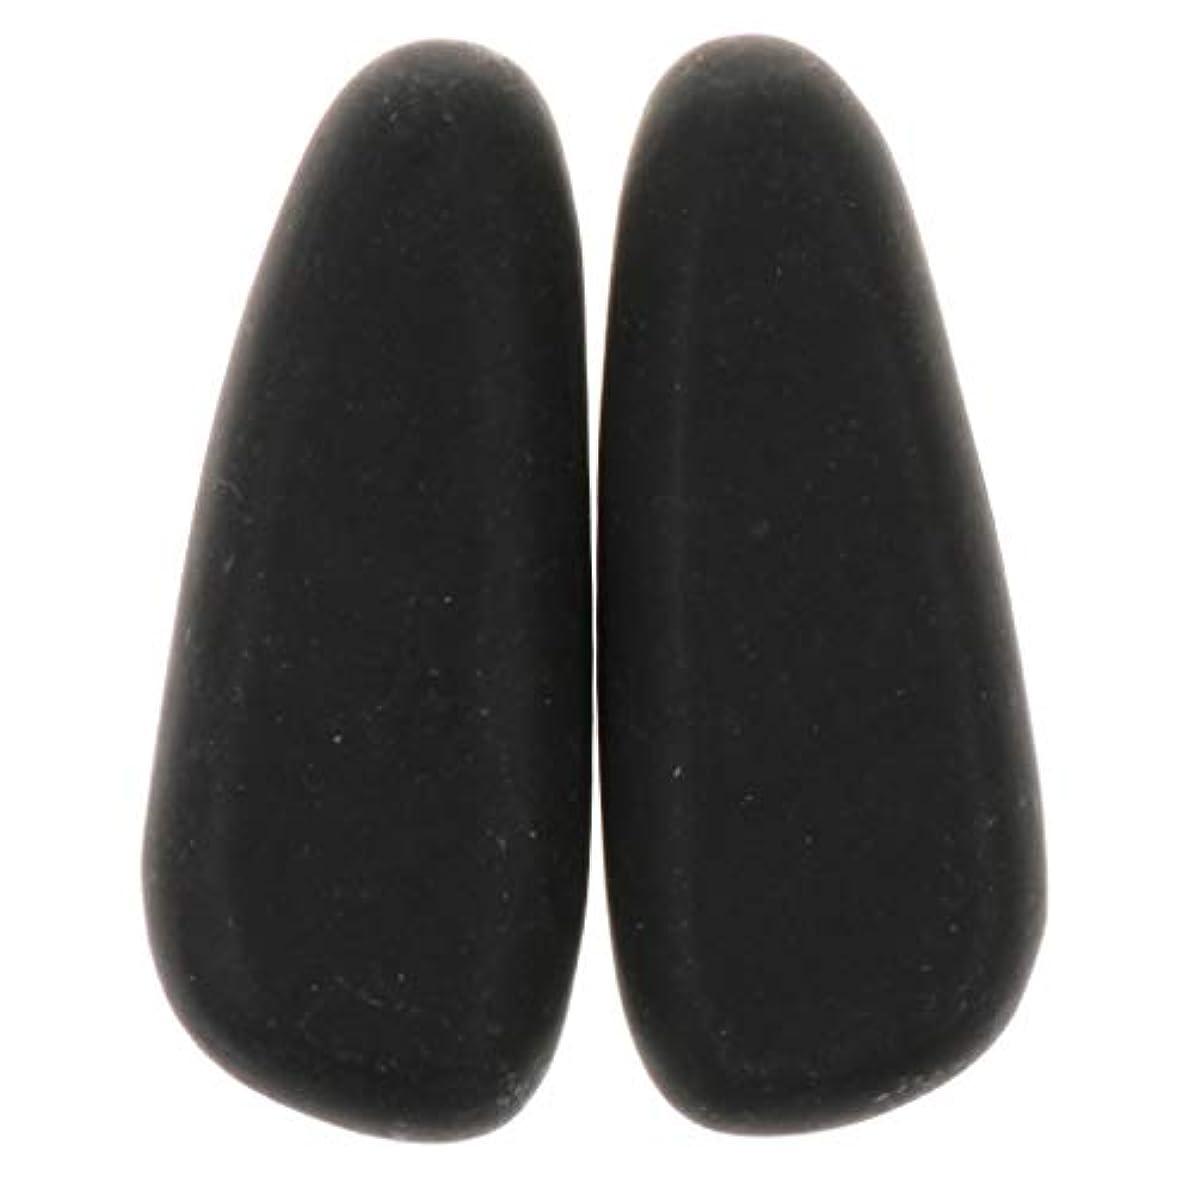 期限切れパラダイス経由でHellery マッサージストーン 天然石ホットストーン マッサージ用玄武岩 SPA ツボ押しグッズ 2個 全2サイズ - 8×3.2×2cm